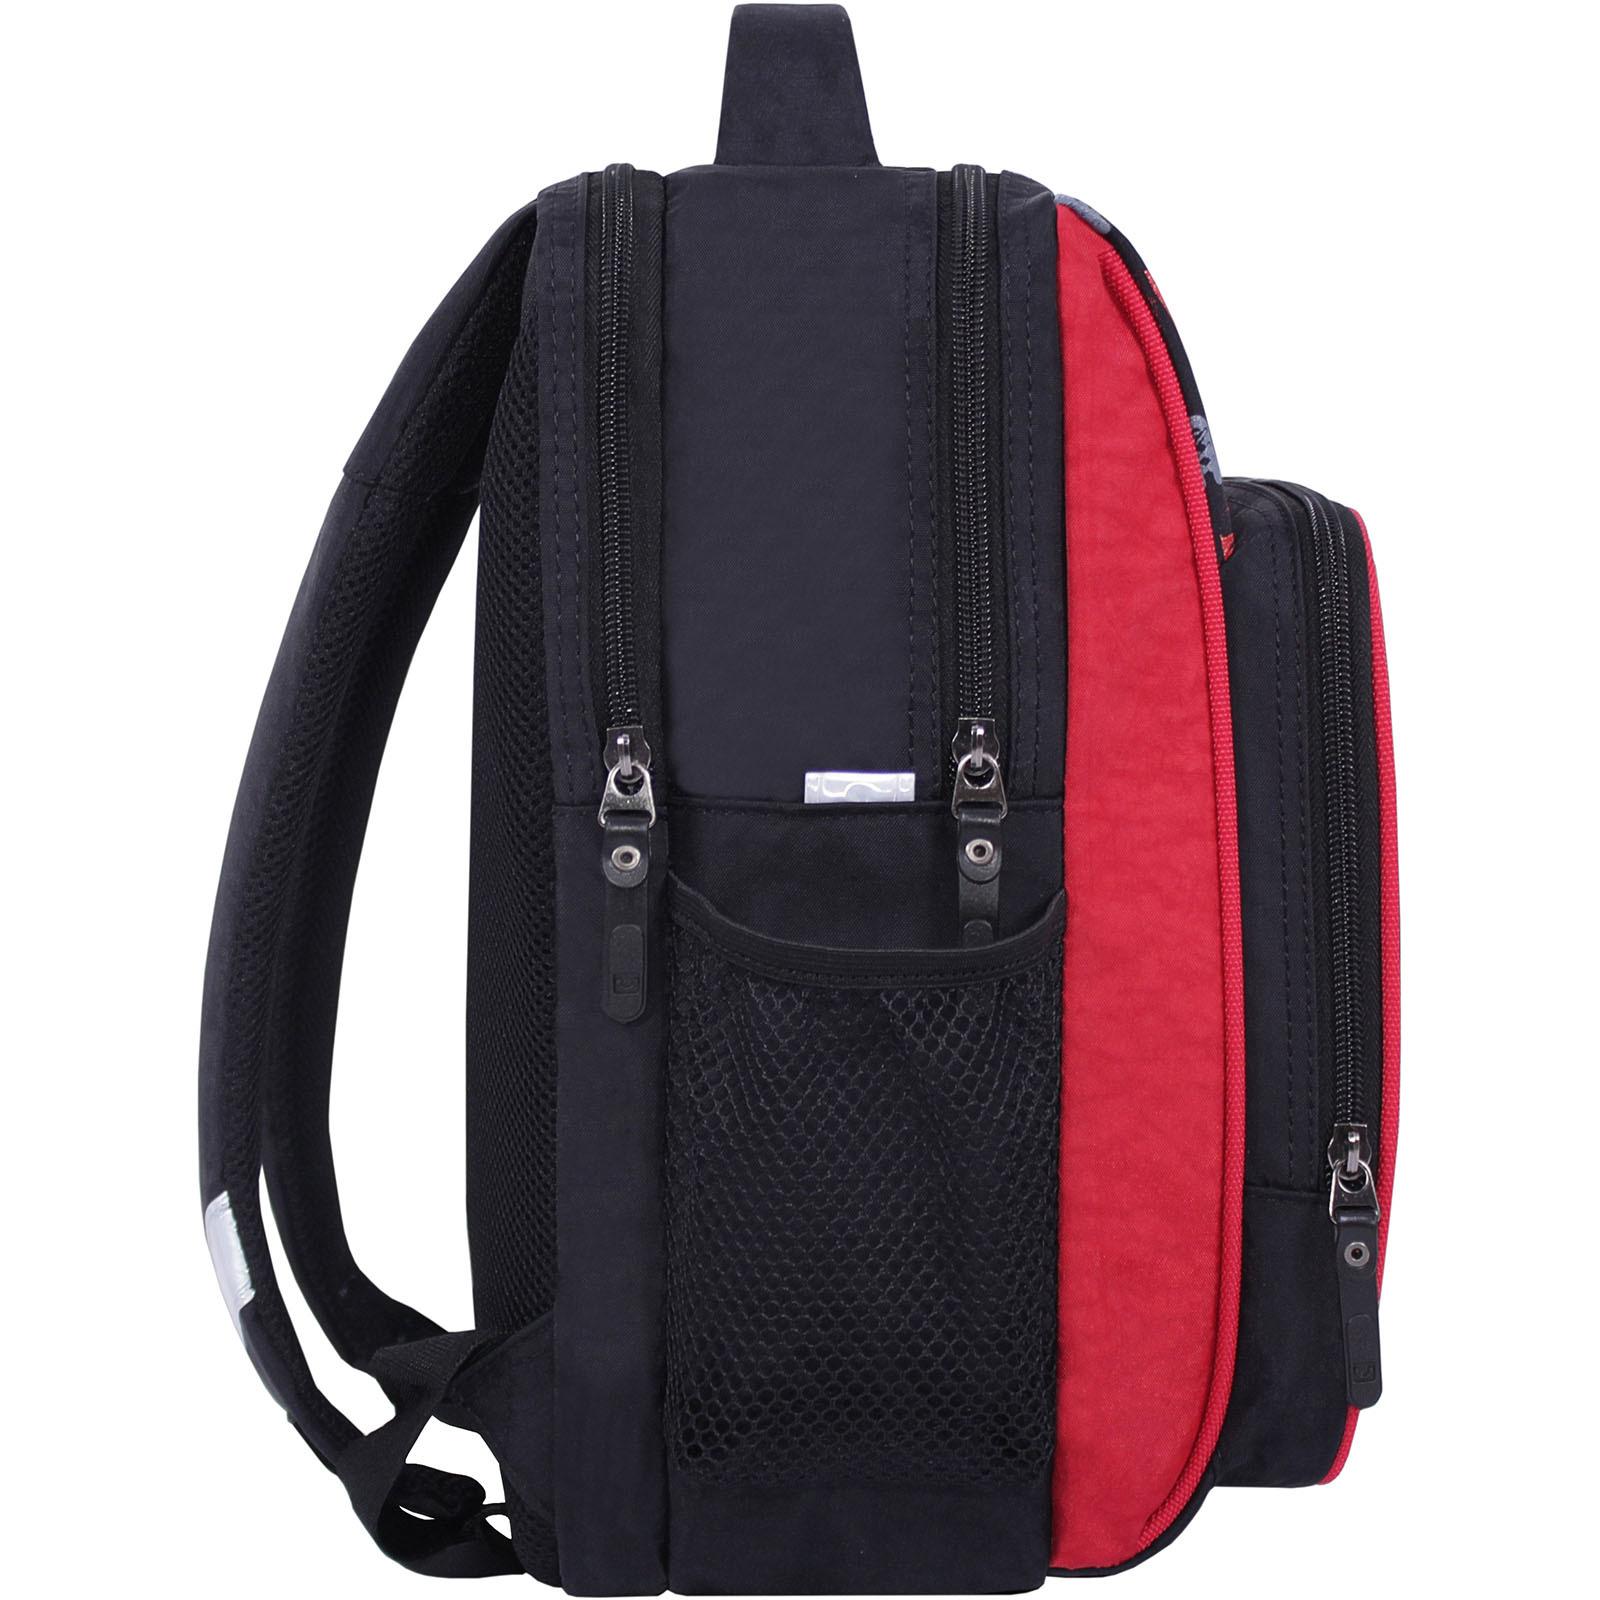 Рюкзак школьный Bagland Школьник 8 л. черный 609 (0012870) фото 2